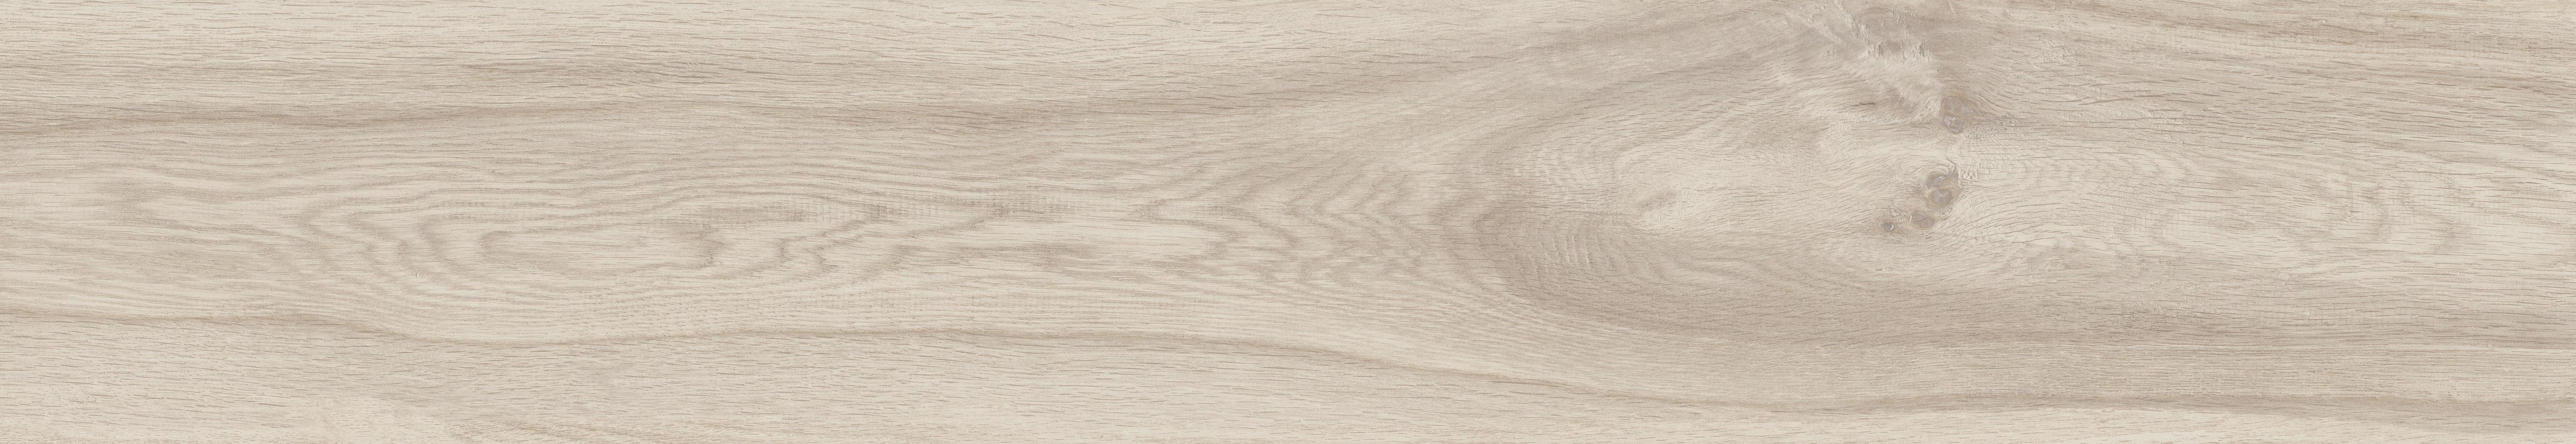 Плитка Allwood Bianco (zzxwu1r) изображение 14